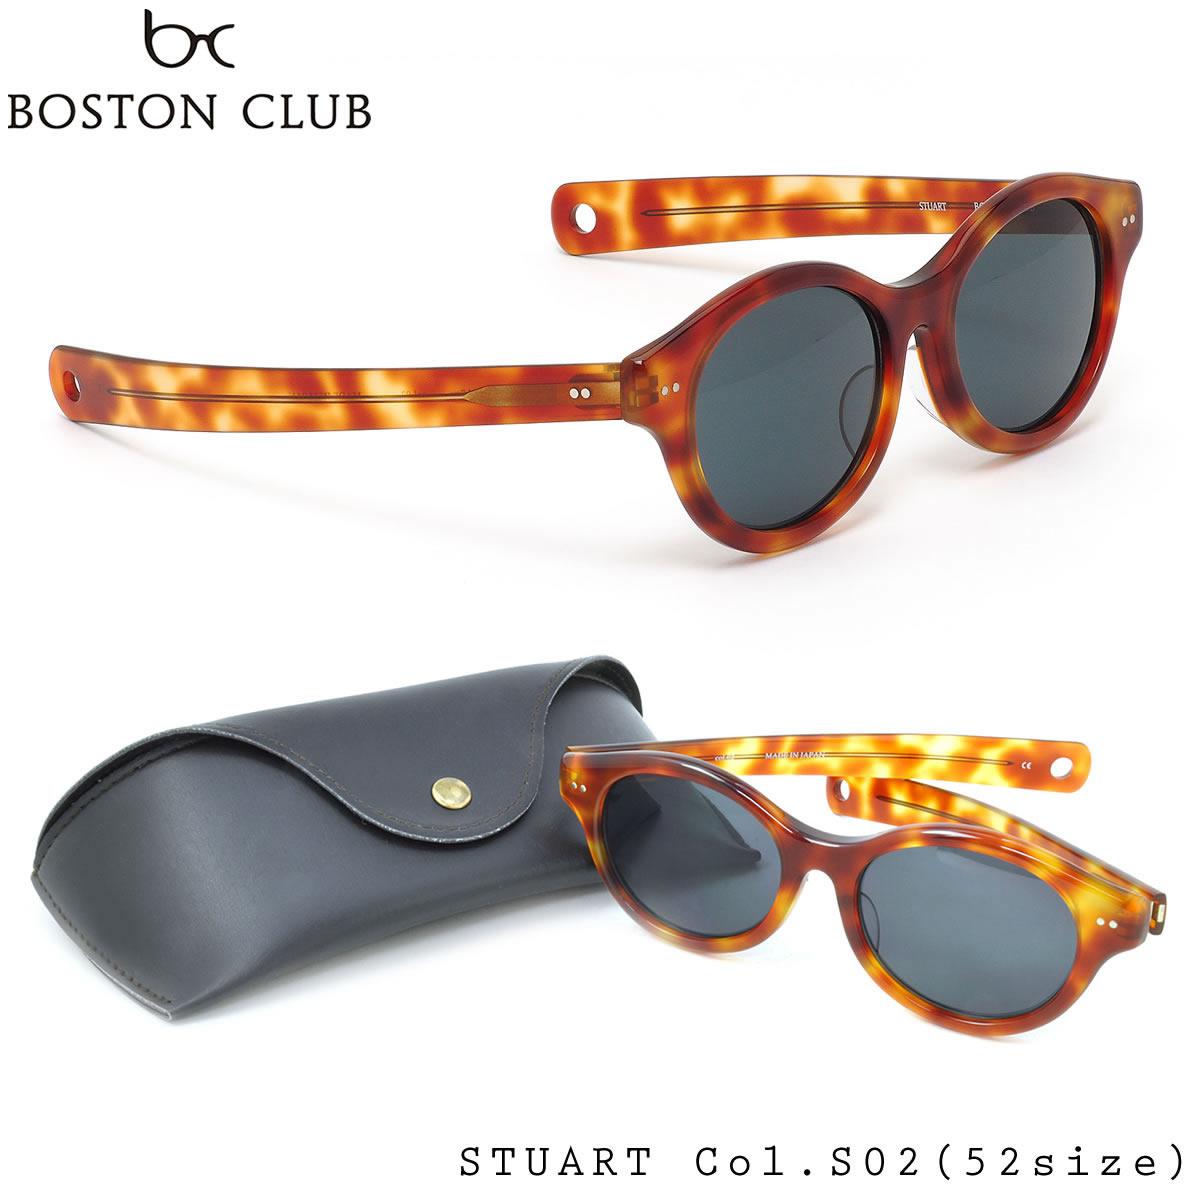 ボストンクラブ BOSTON CLUB サングラス STUART S02 52サイズ ボストン 日本製 フルリム ラウンド バディ buddy コラボレーション グラスコード ひも 紐 BOSTONCLUB メンズ レディース